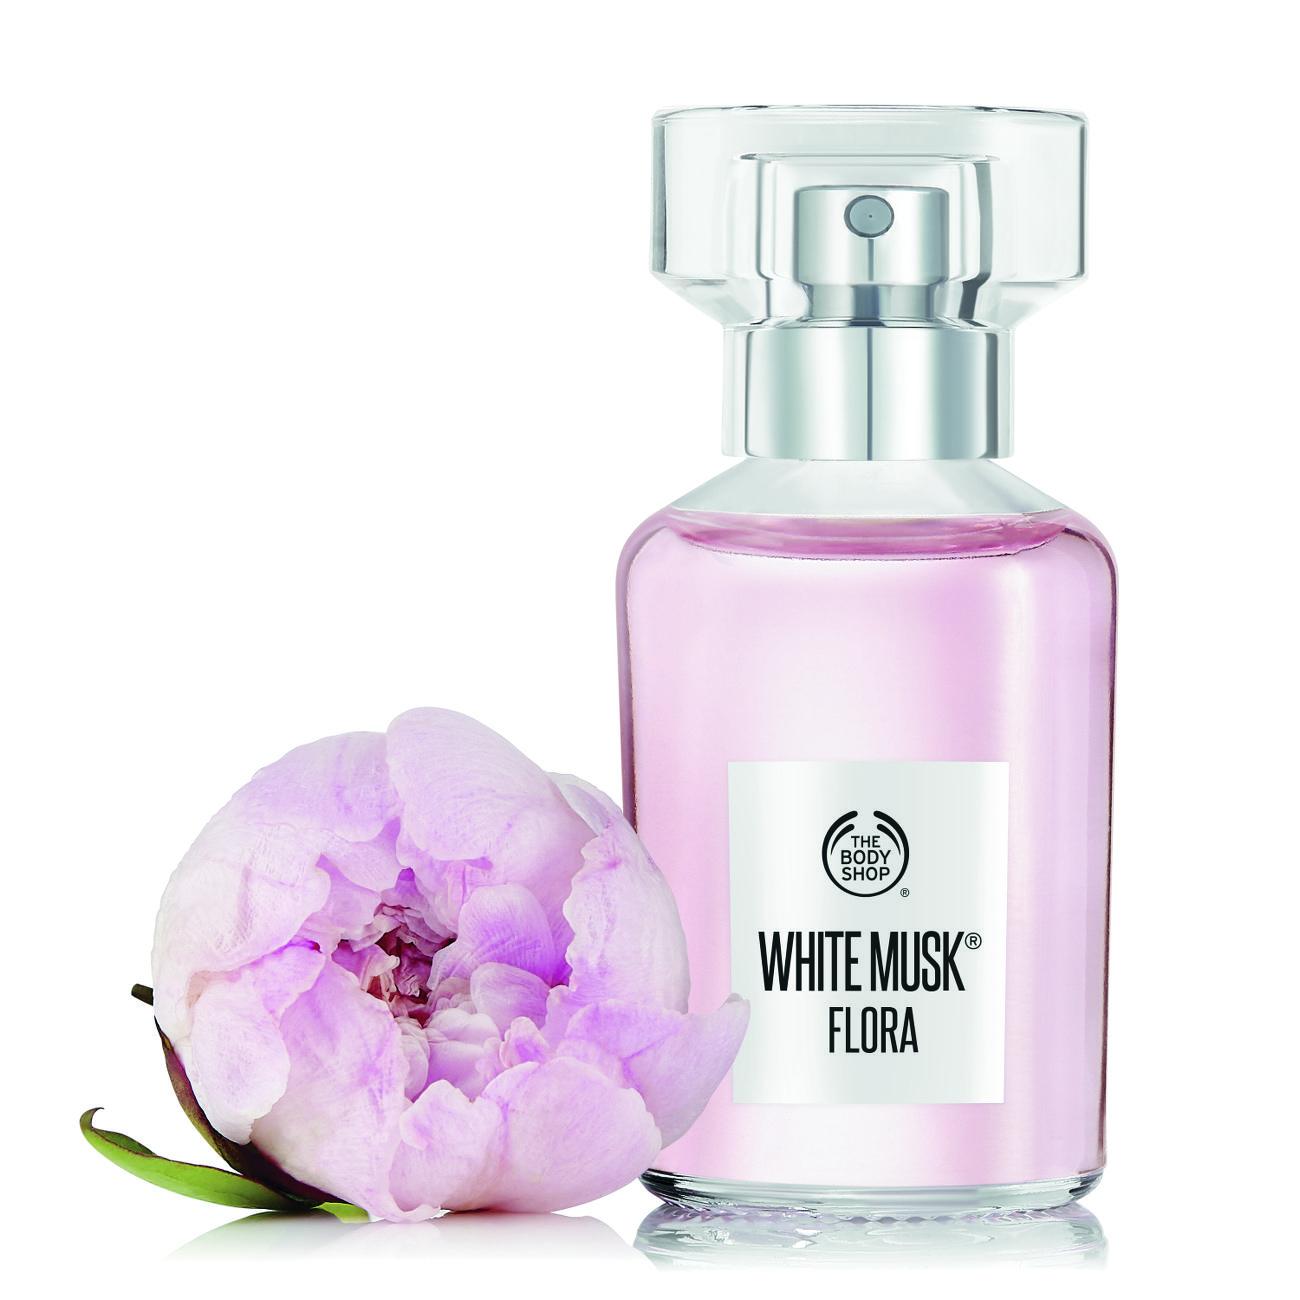 948df8cce8 Szeress bele ebbe a kifinomult, modern, virágos és 100% vegán illatba! Az  örökké állatkísérlet-mentes parfümjeink legújabb tagja az aktuális ciprusos  ...